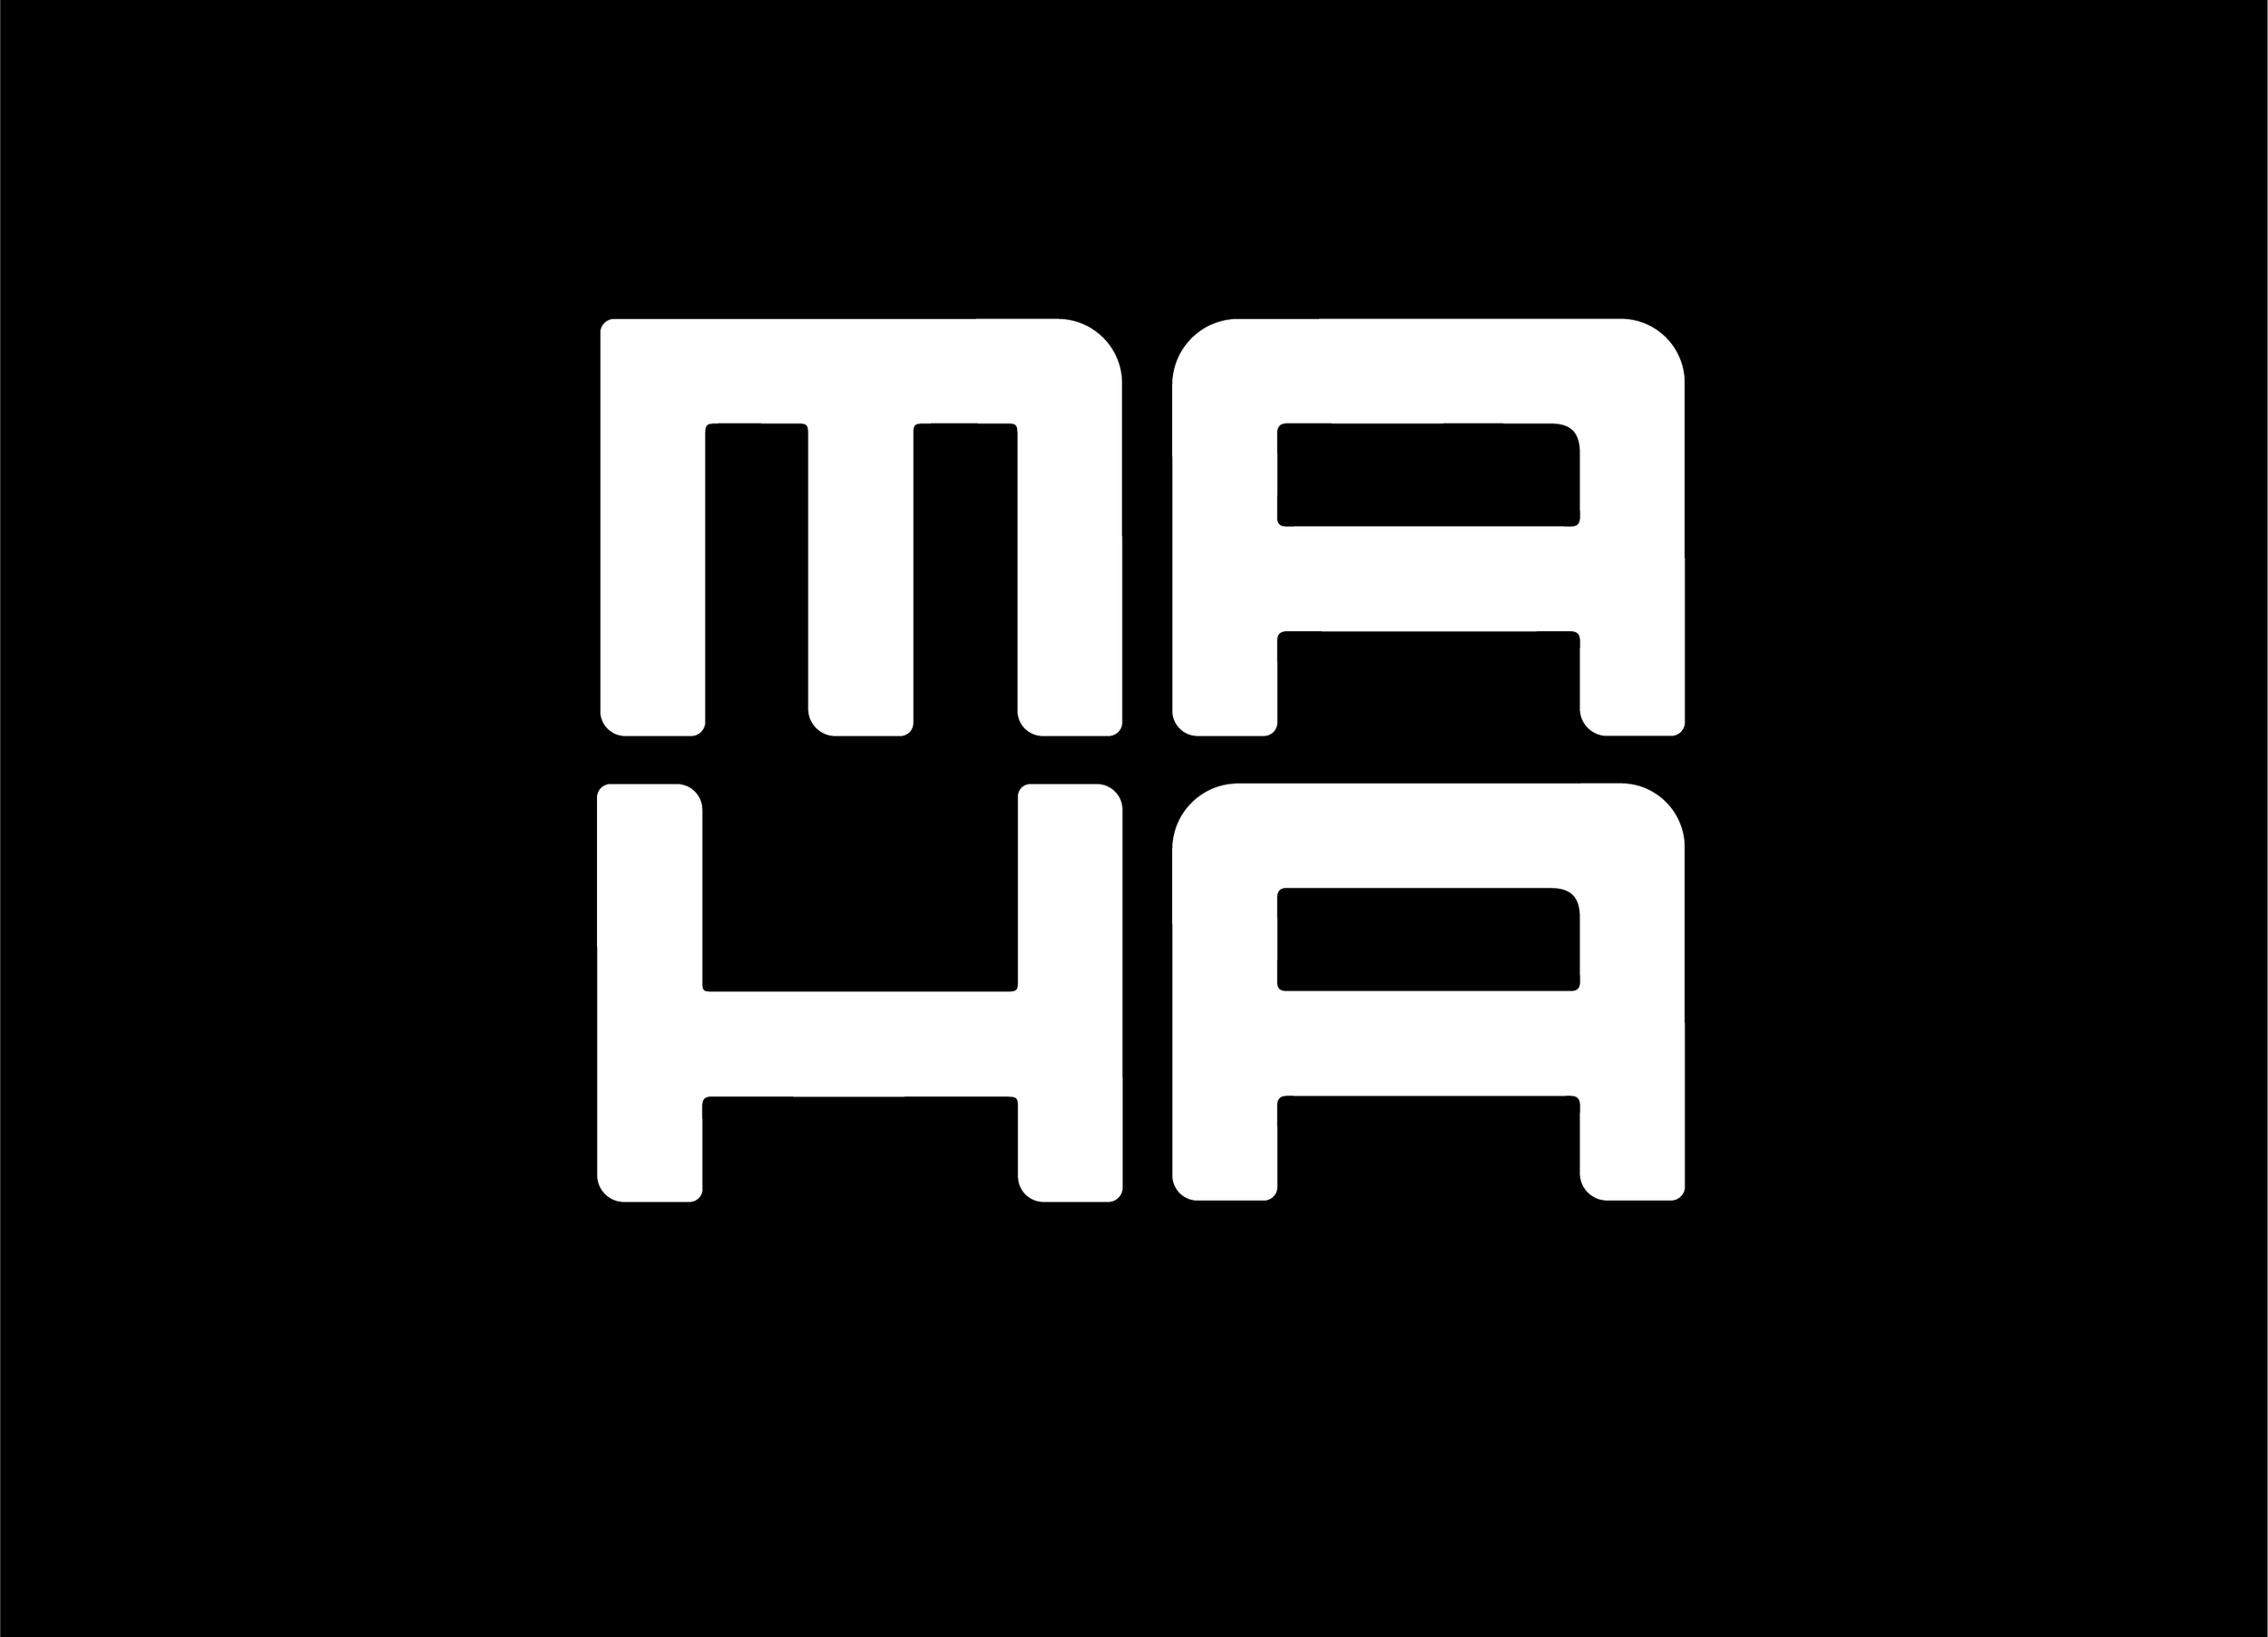 MAHA-brand.ID.evolution-final-01.png